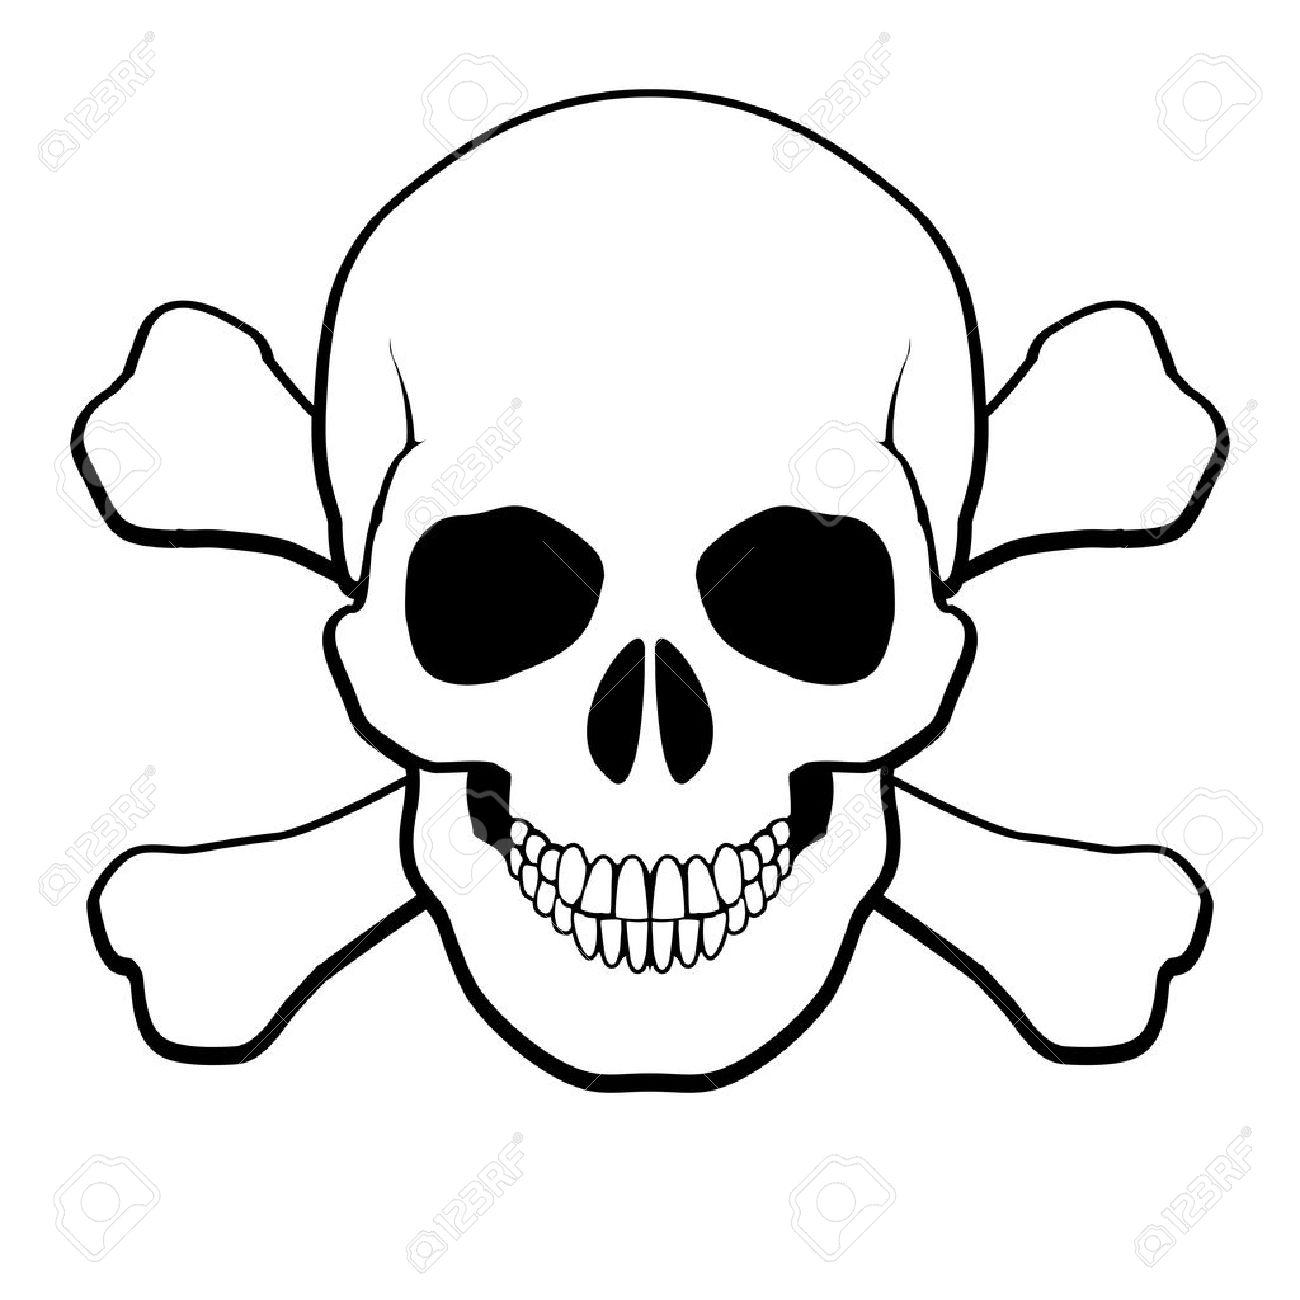 Pirata Calavera Y Tibias Cruzadas Ilustración Sobre Fondo Blanco